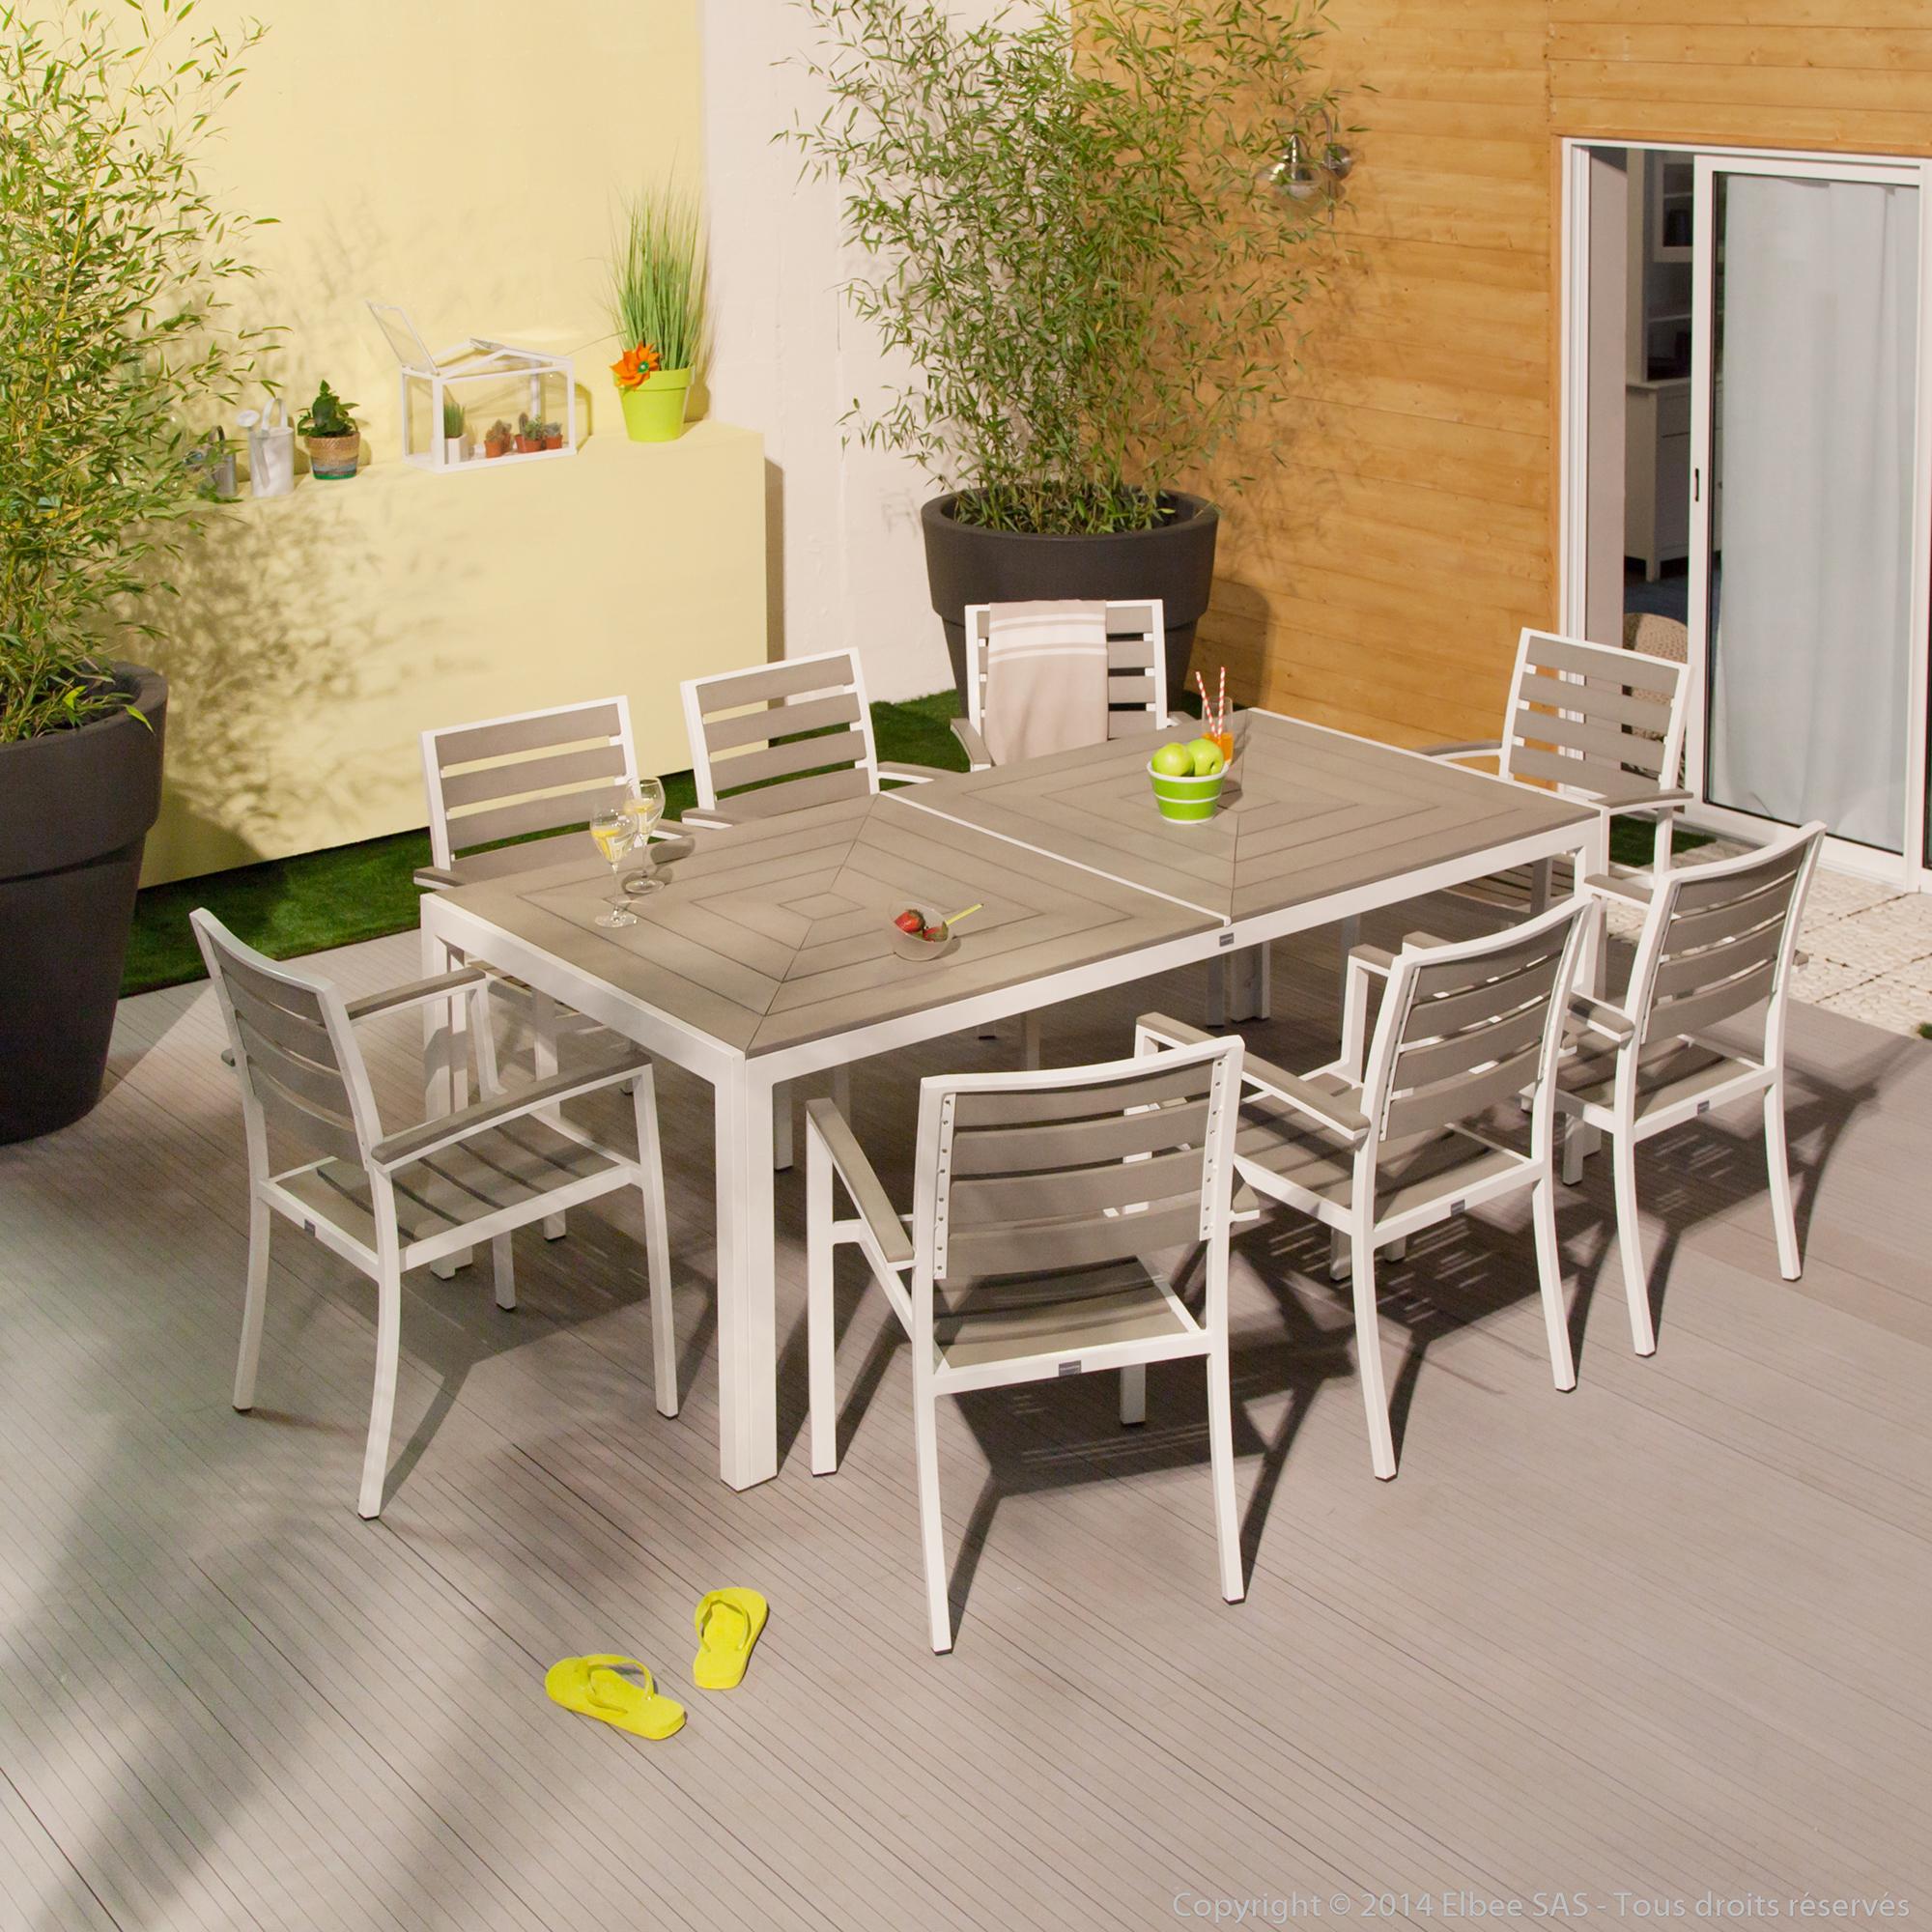 Salon de jardin composite et alu pas cher - Abri de jardin ...